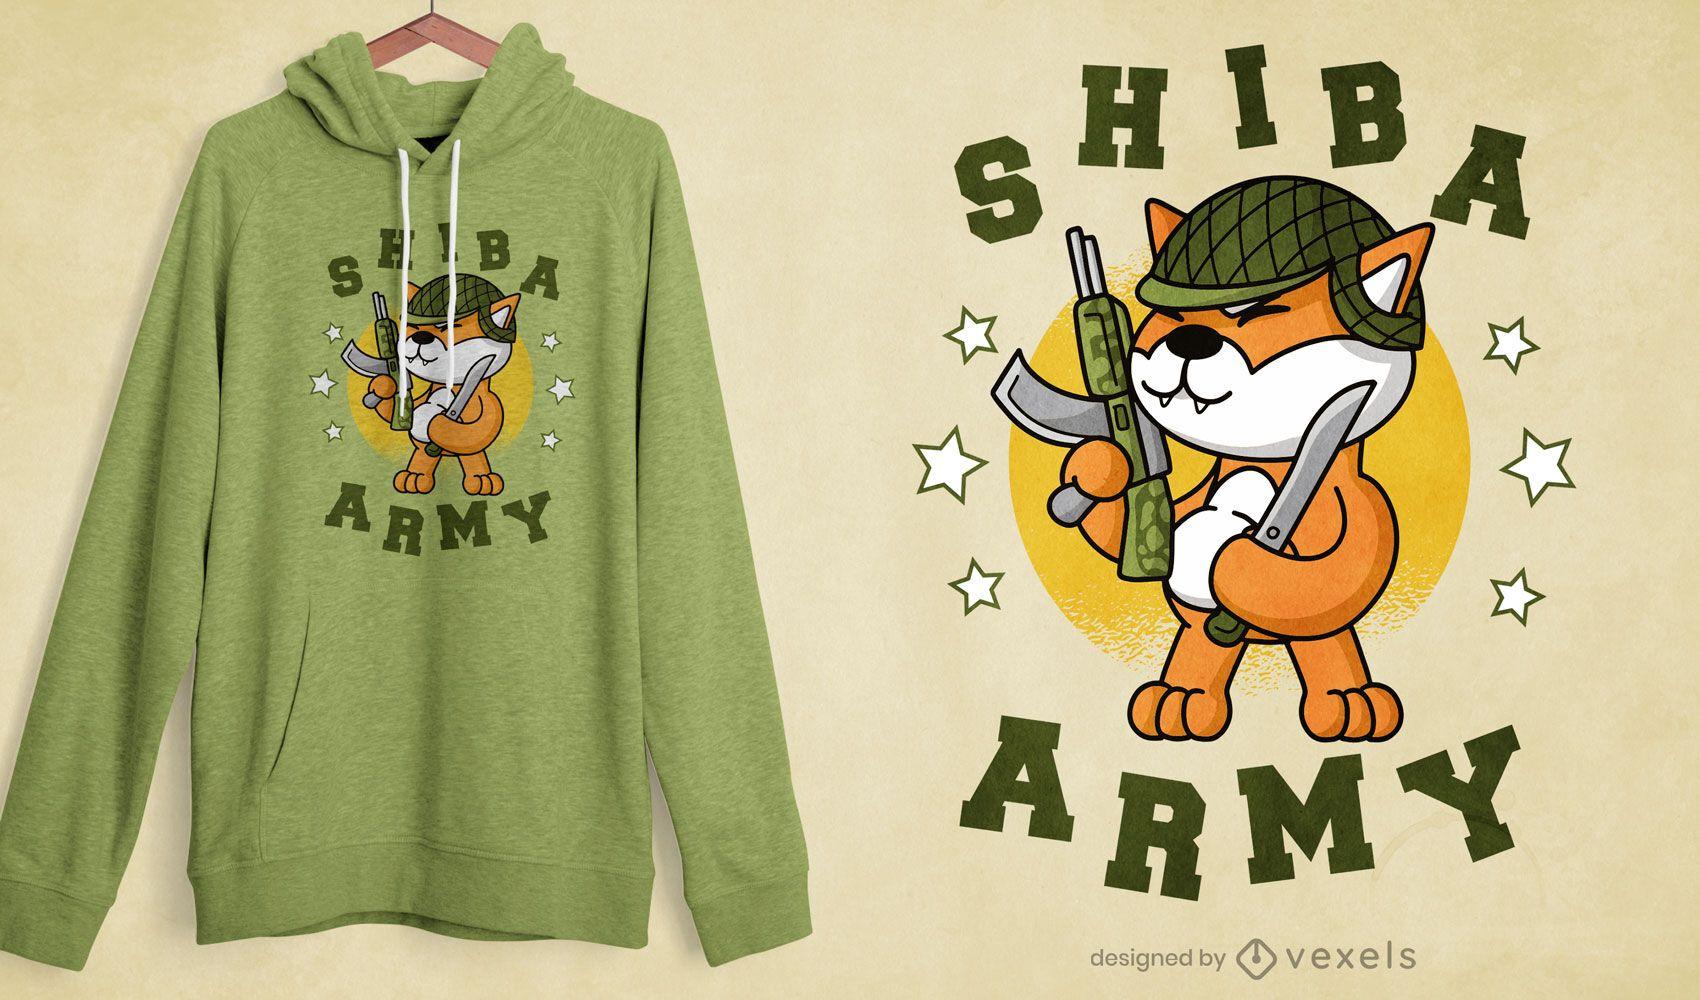 Army dog shiba inu t-shirt design